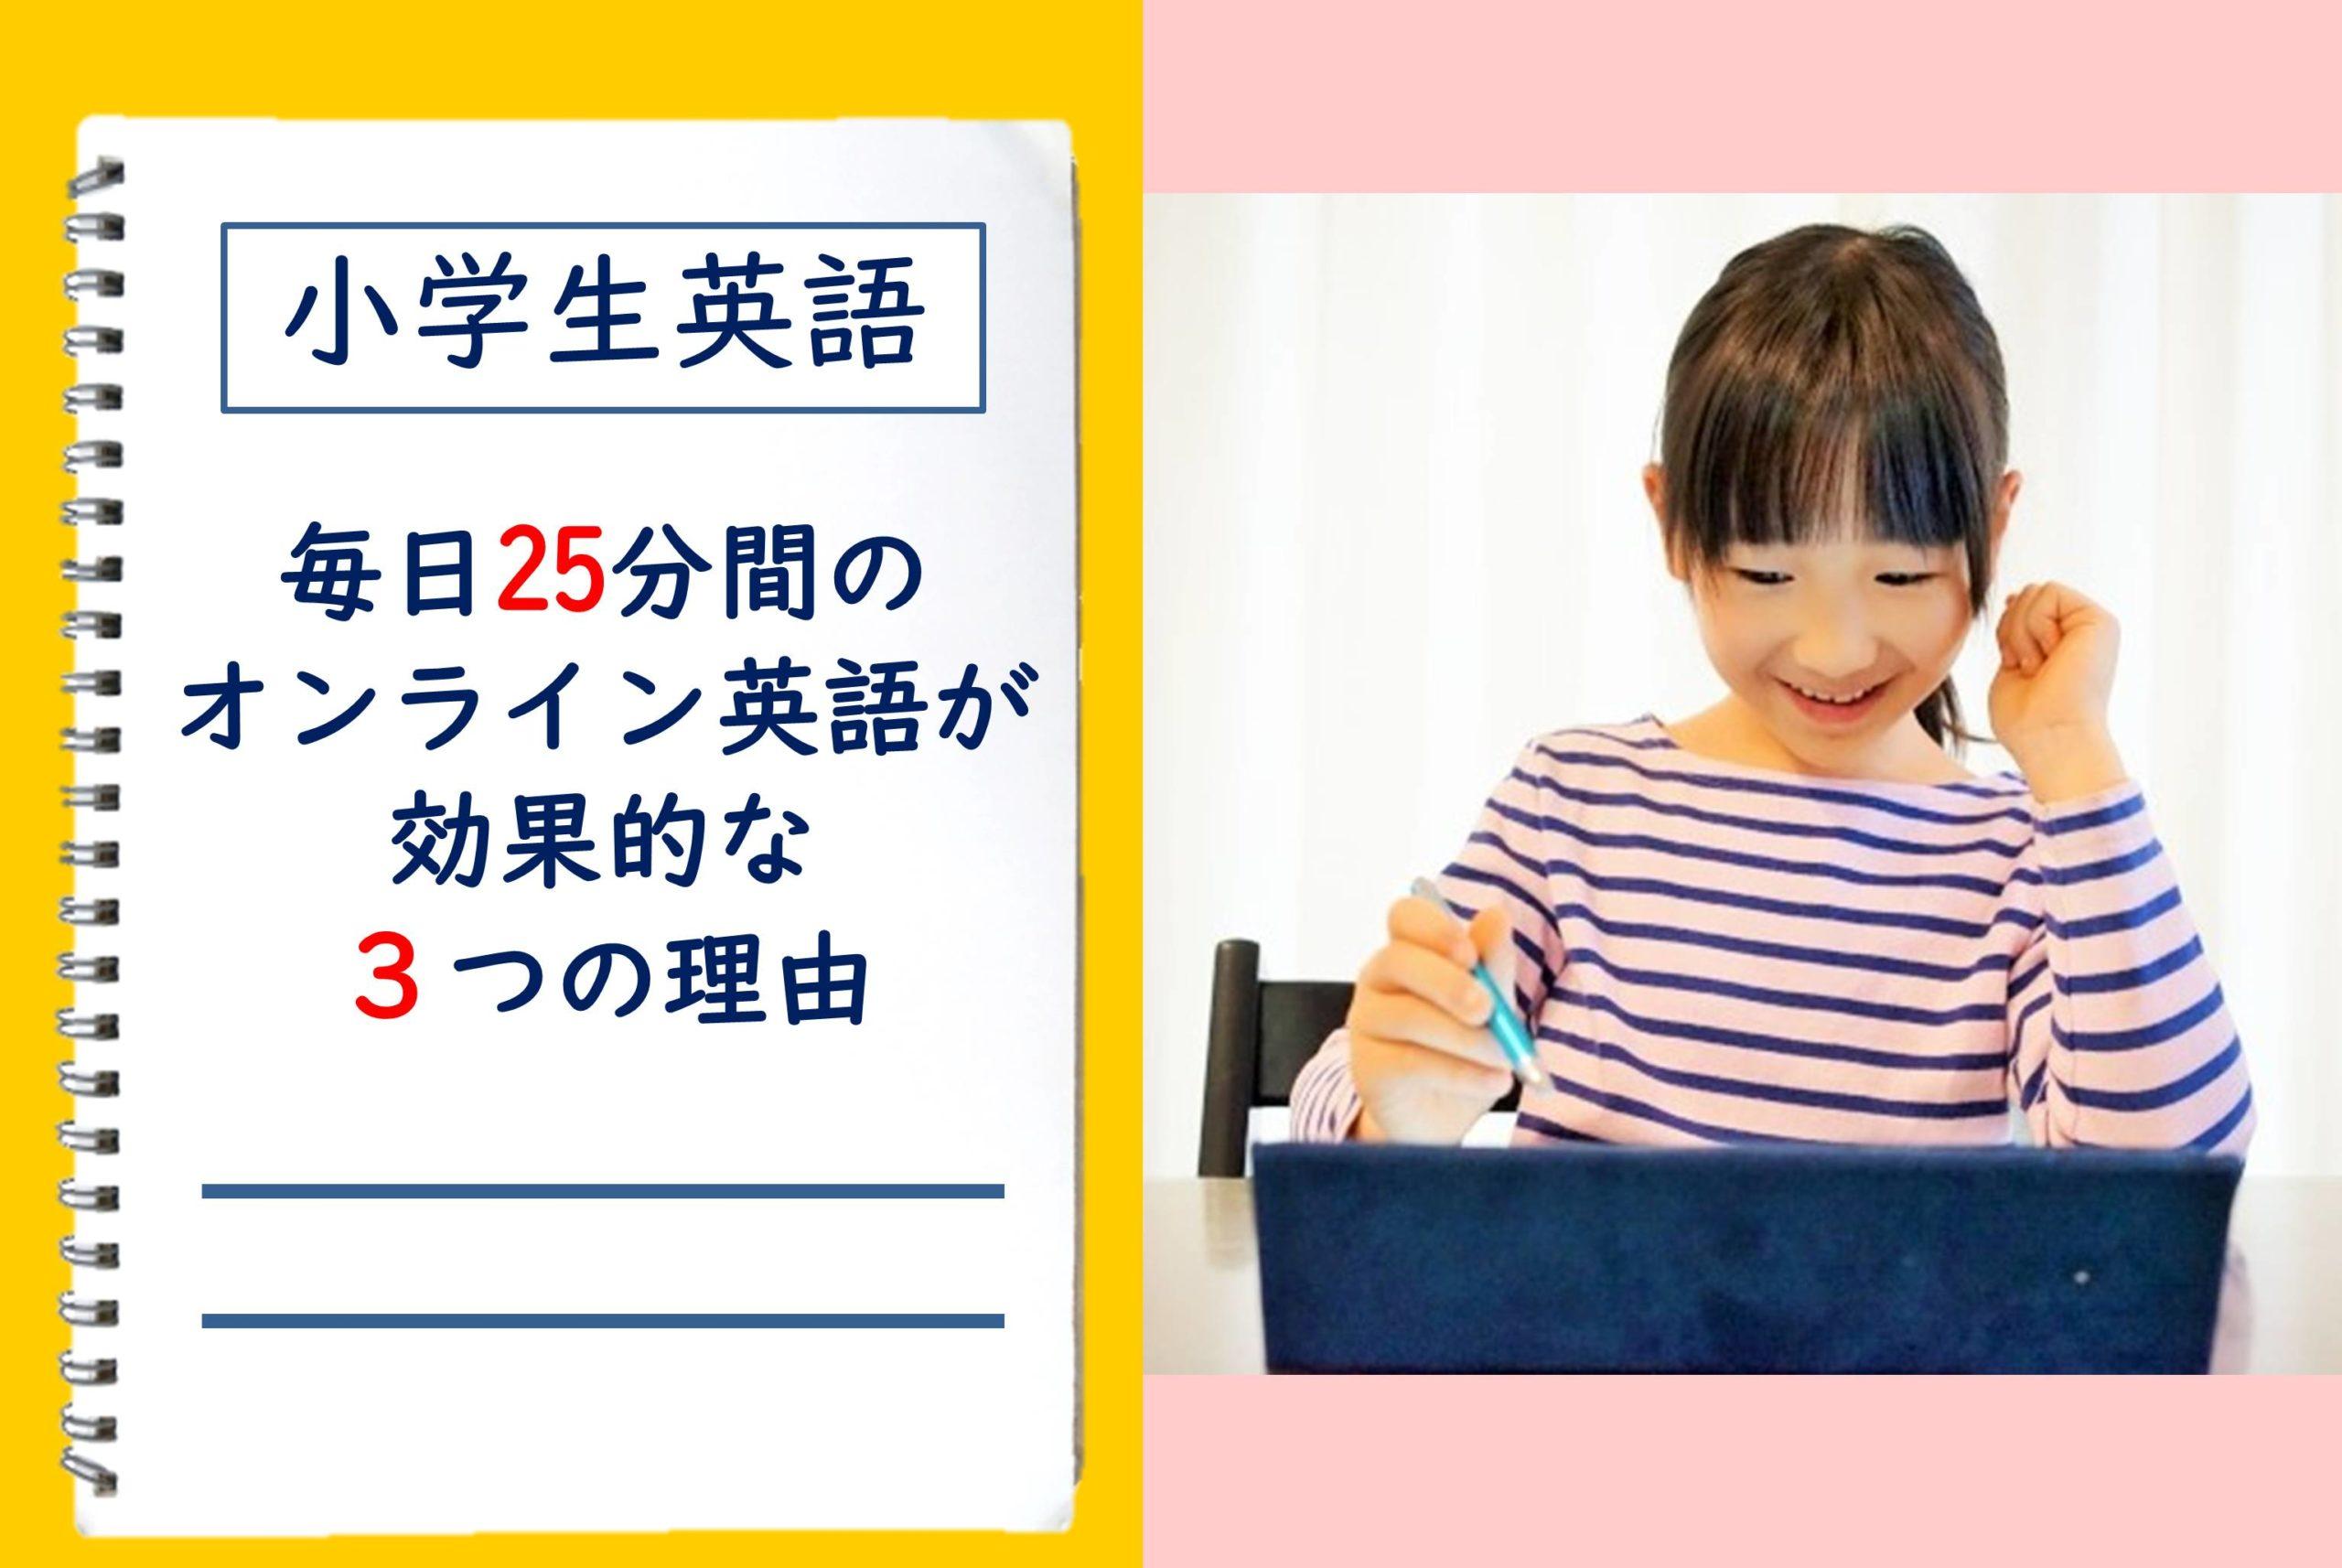 小学生英語!毎日25分間のオンライン英語が効果的な3つの理由